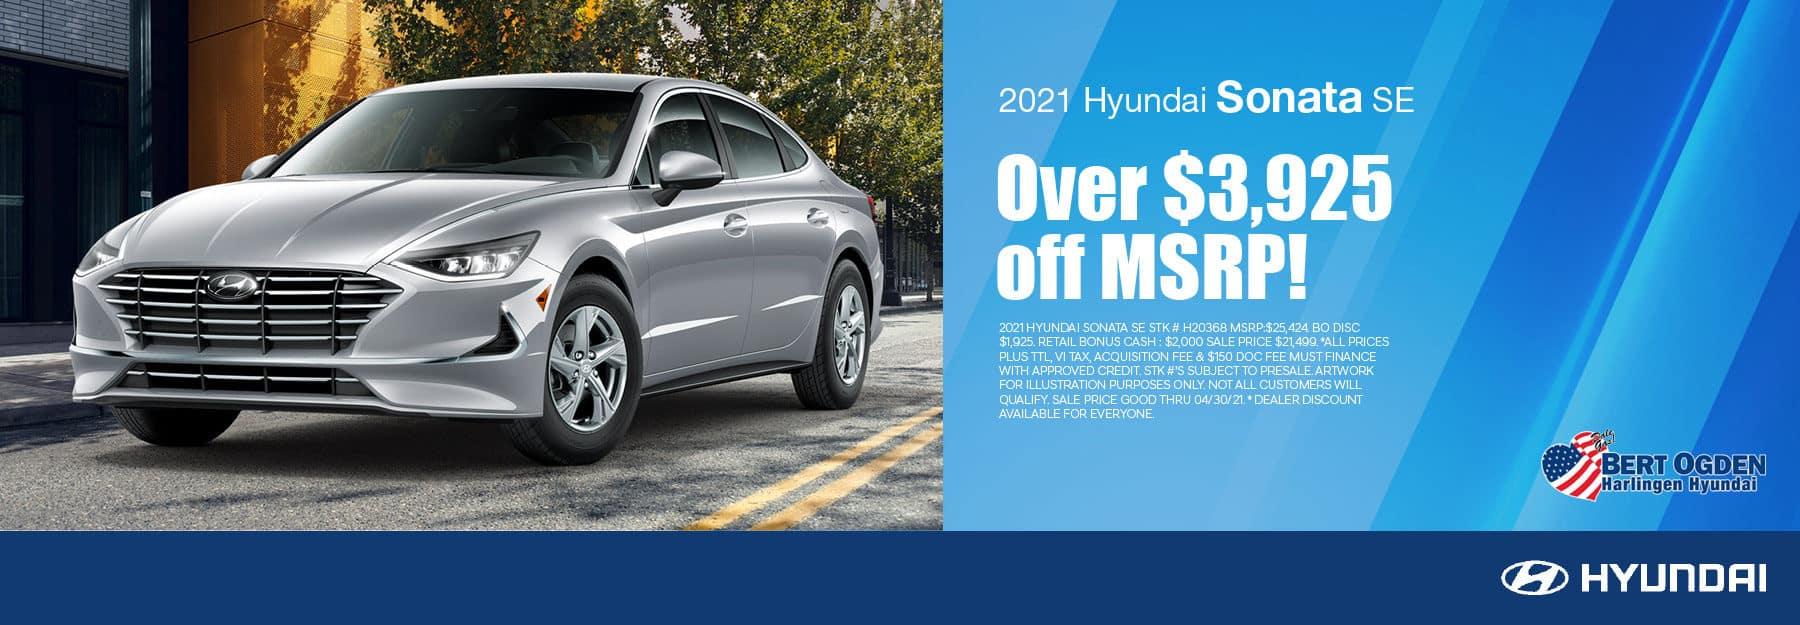 2021 Hyundai Sonata SE Offer - Bert Ogden Harlingen Hyundai in Harlingen, Texas